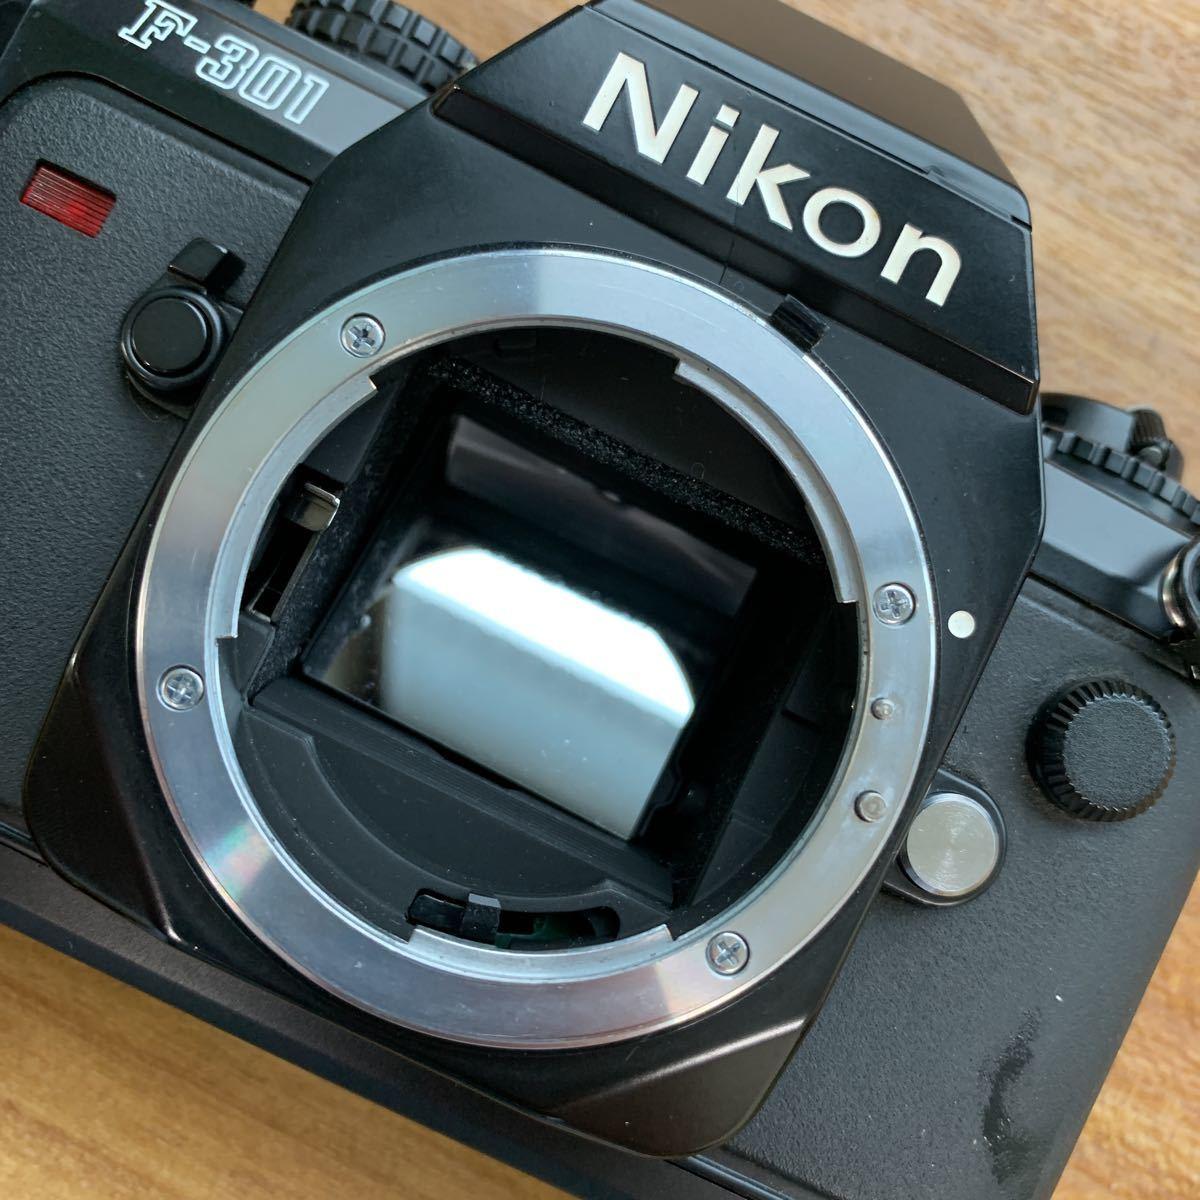 返品不可 ジャンク Nikon F 301 +minolta 110 zoom markⅡ 動作未確認 #j492_画像3